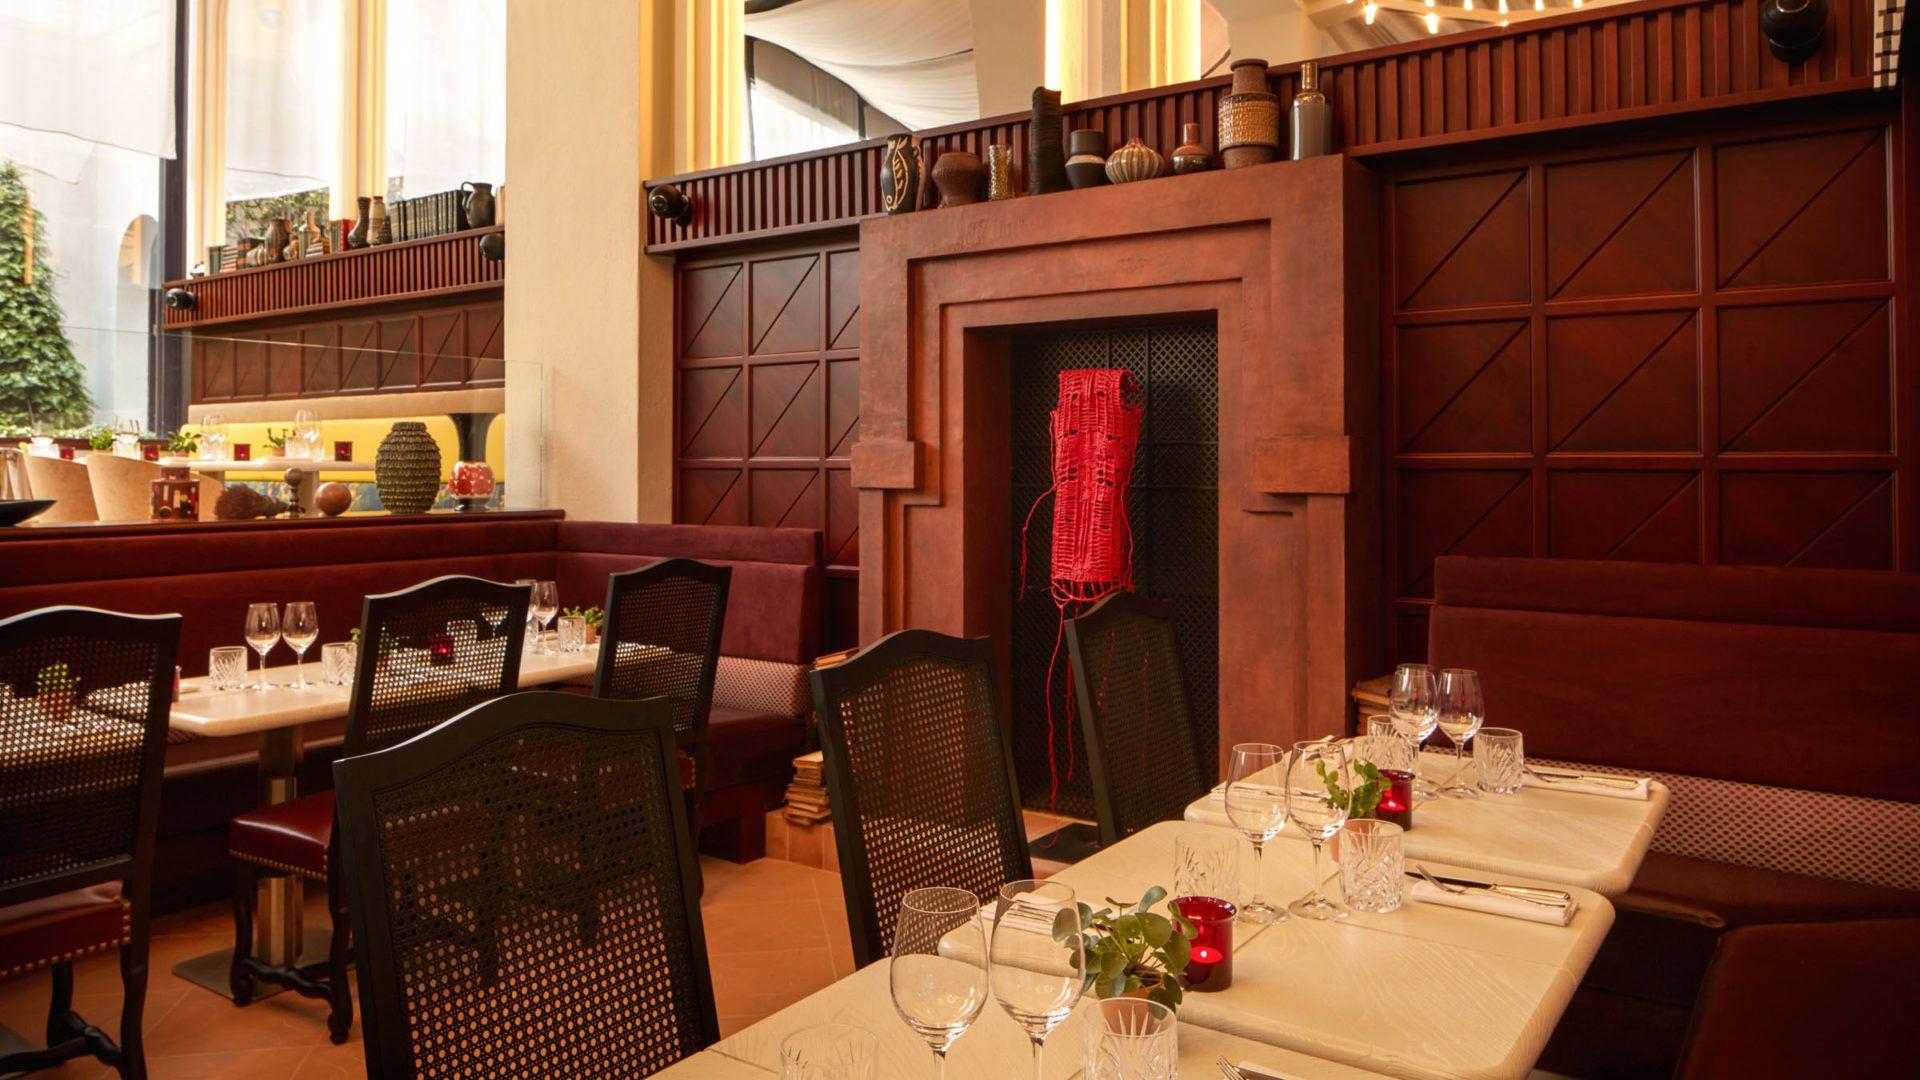 SINNER_Restaurant_Adam_bentalha_hotel_paris_marais_Nicolas_Receveur